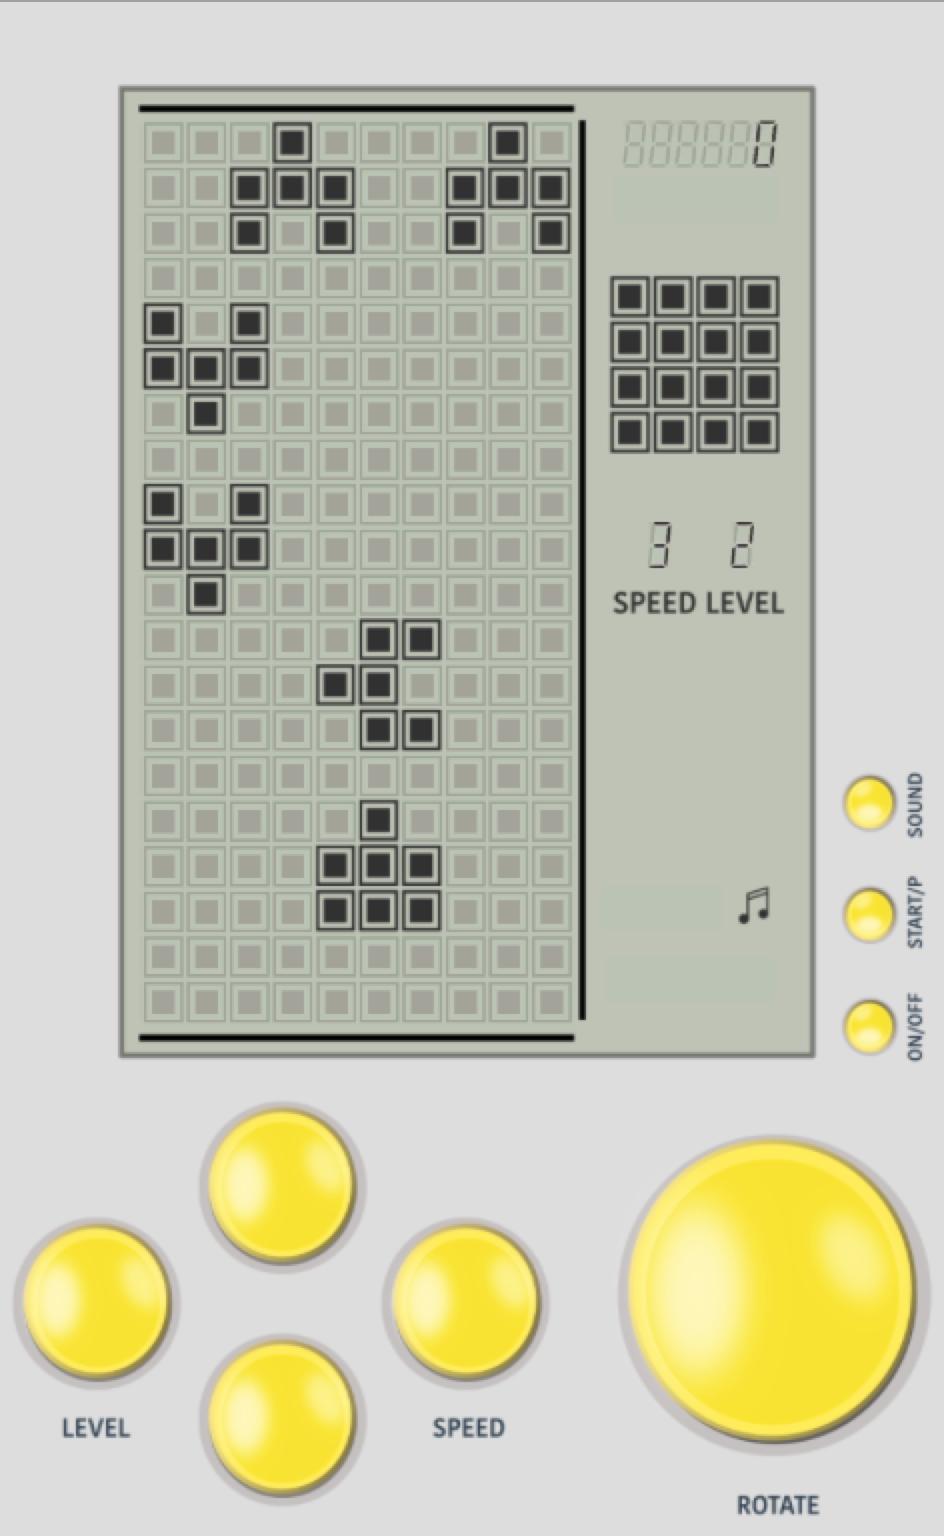 Как я делал Brick Game на Unity3D для Android и получил блокировку от Google - 3